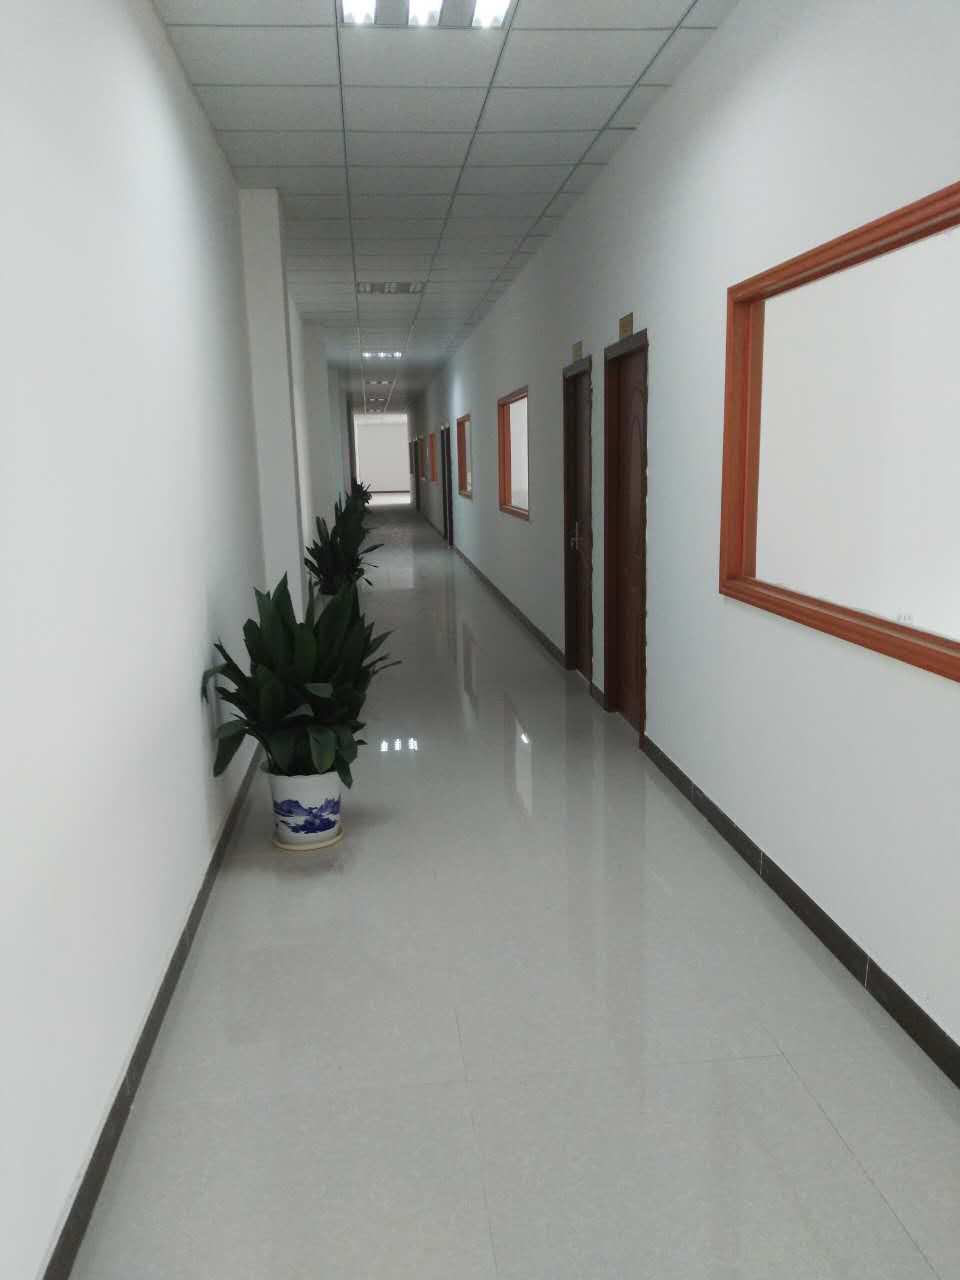 深圳晶福源电子科技有限公司办公楼及厂房装修